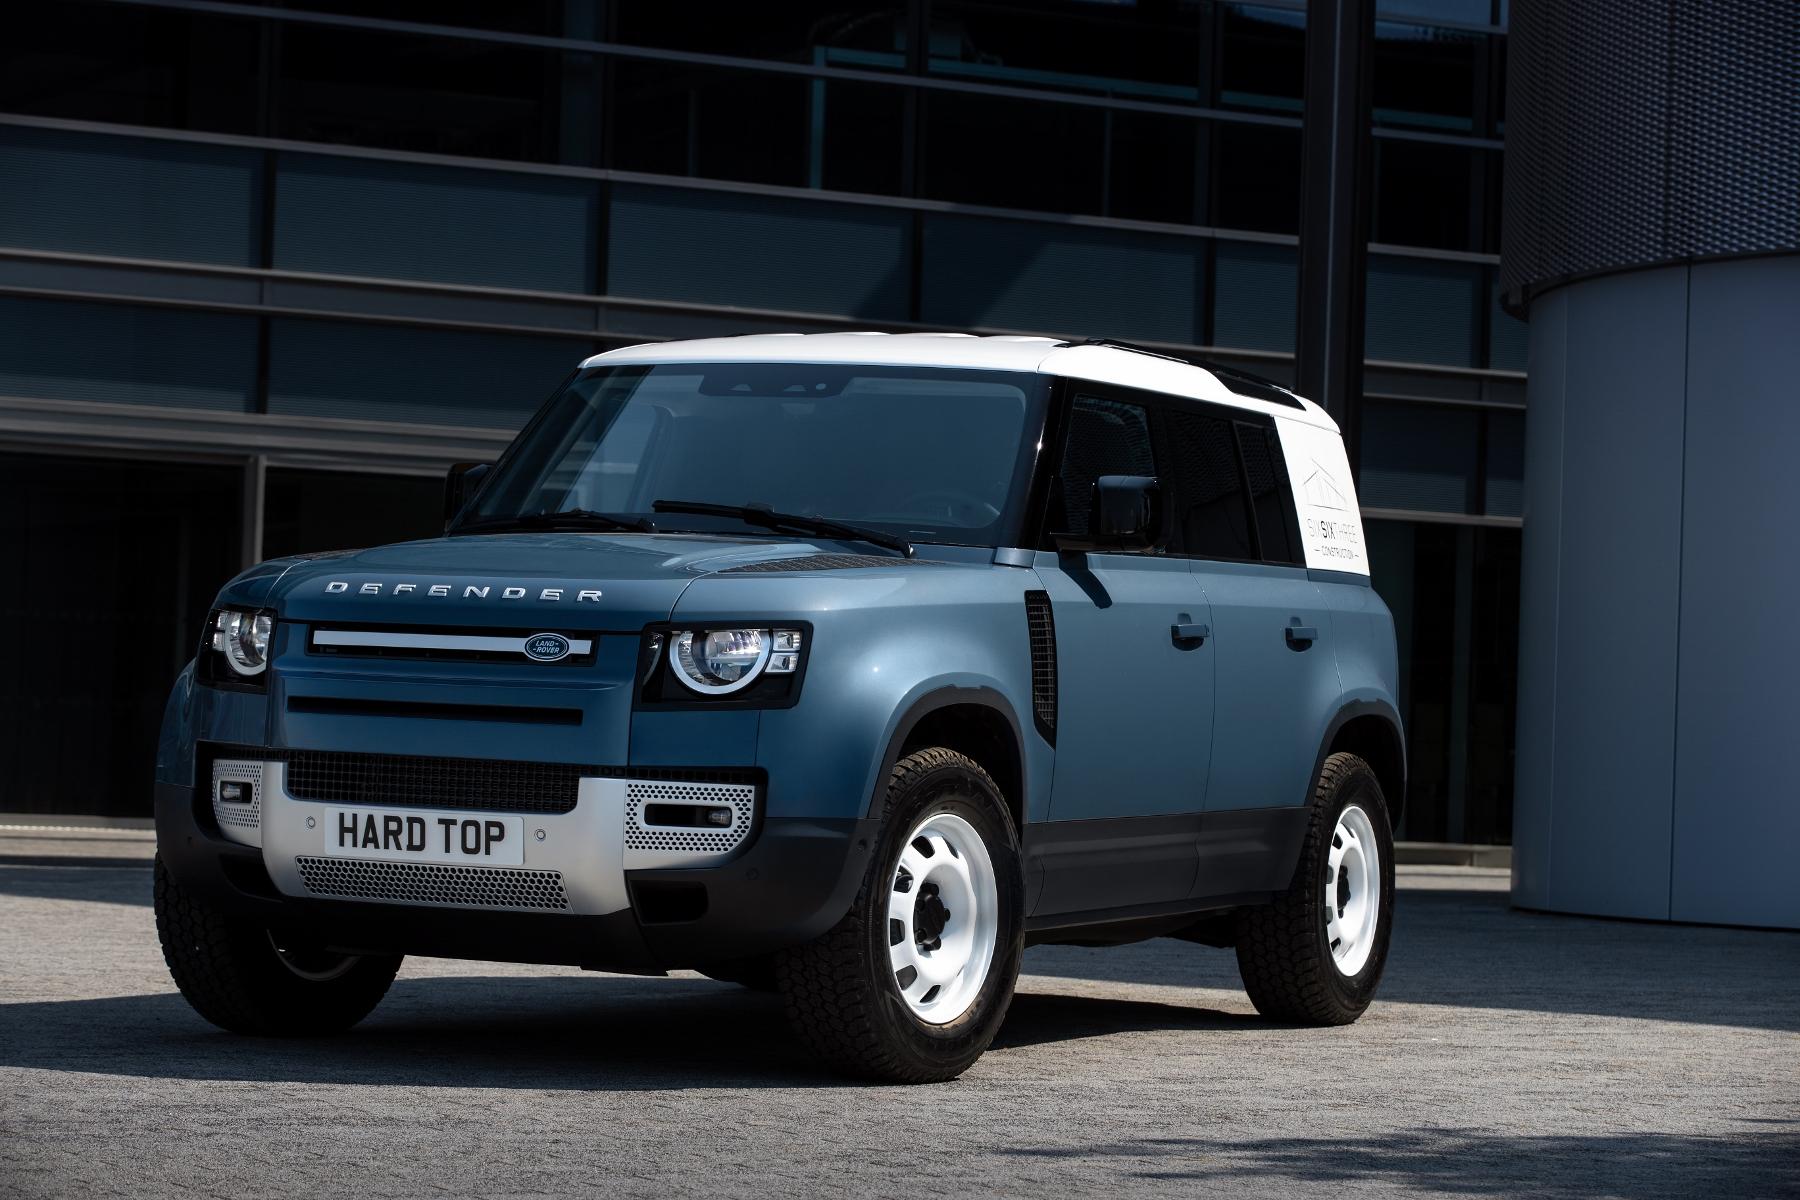 Nový Land Rover Defender prichádza v úžitkovej verzii Hard Top OsStzB9Iwy 2lrdefhardtop30062005-1800